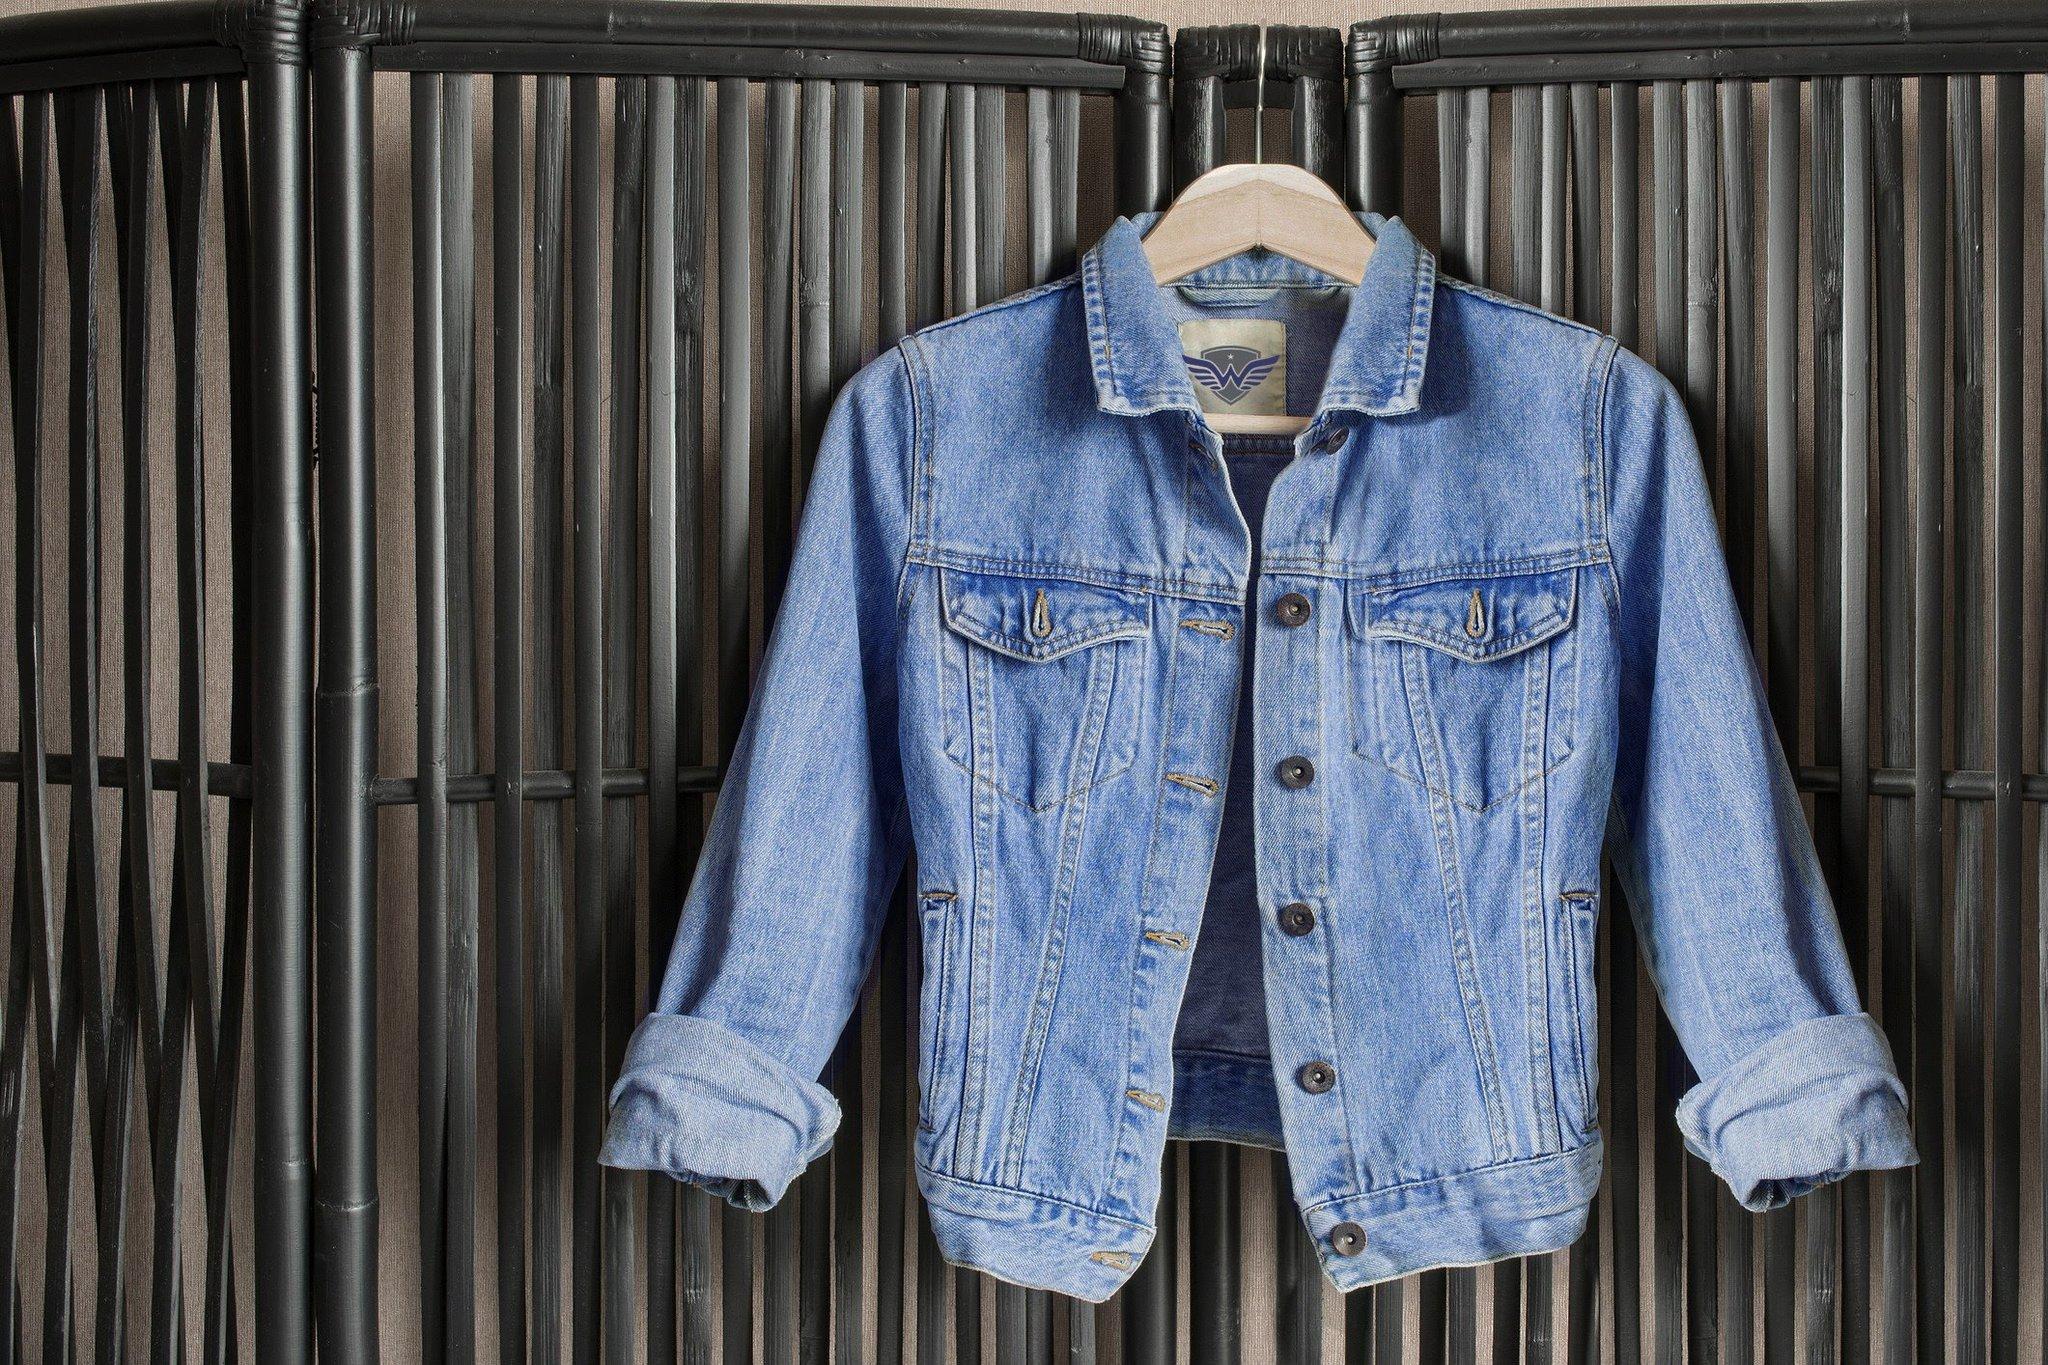 Cô gái gốc Việt sáng chế áo khoác chống đạn đầu tiên trên thế giới.4